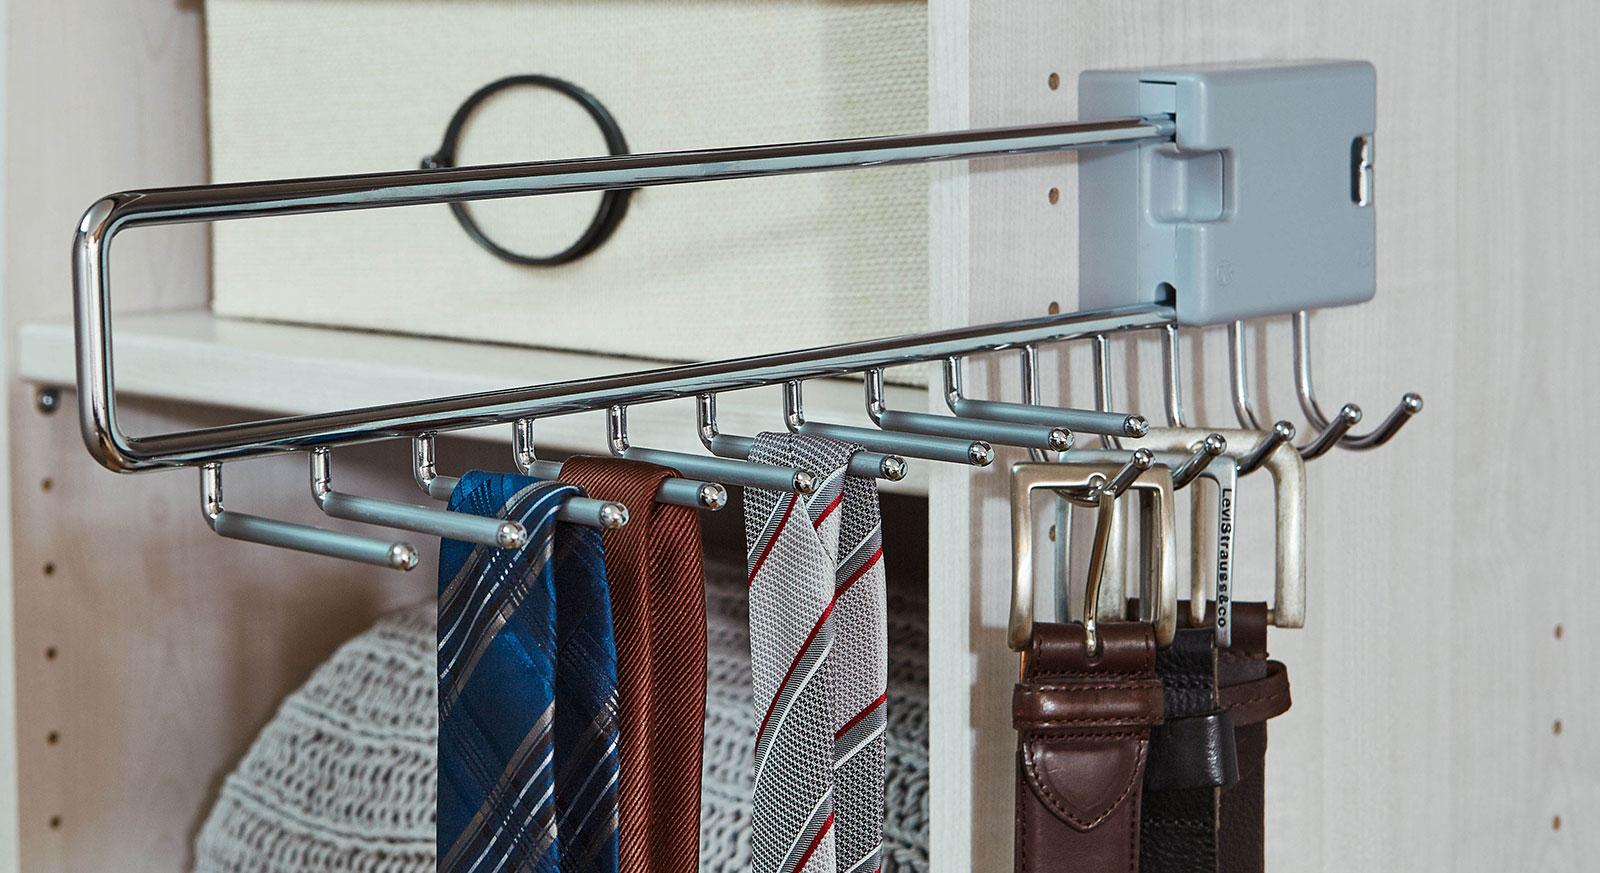 Praktischer Auszug um Gürtel und Krawatten aufzuhängen